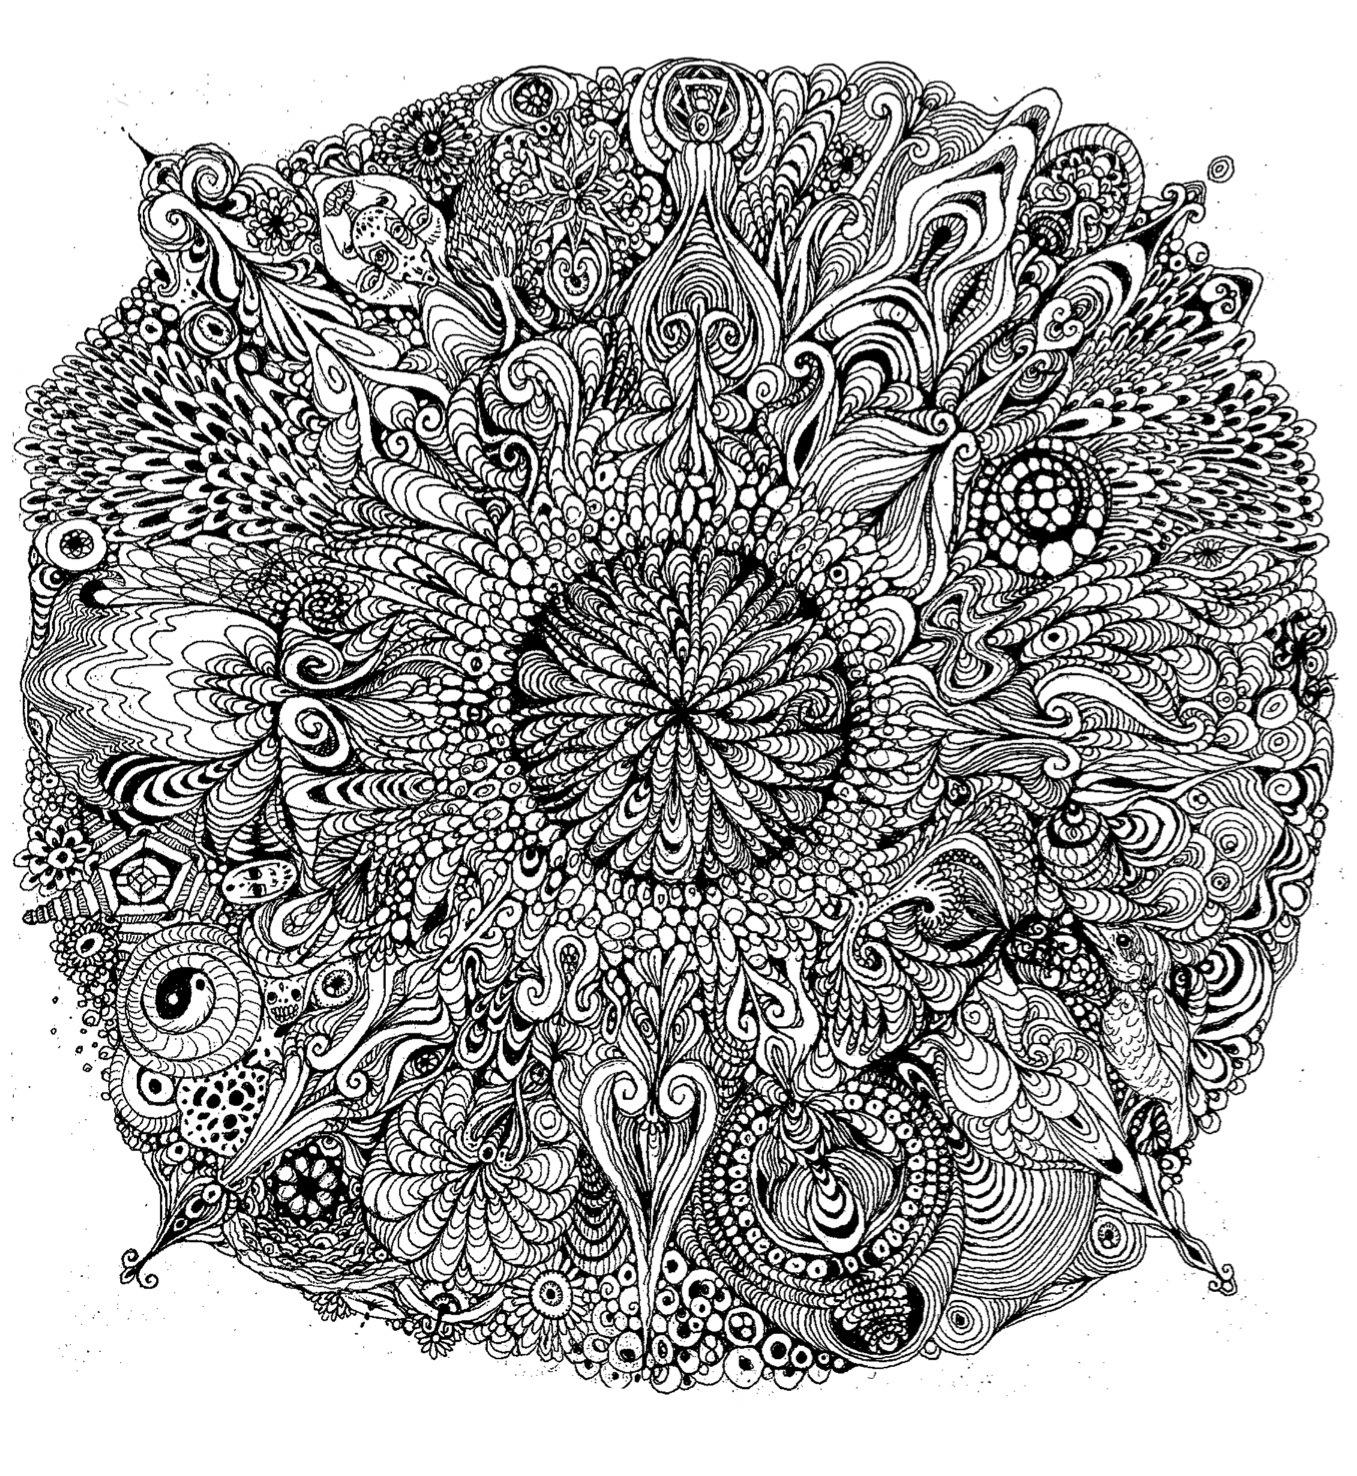 Mandala coloring pages ~ Καλειδοσκόπιο: Mandala!